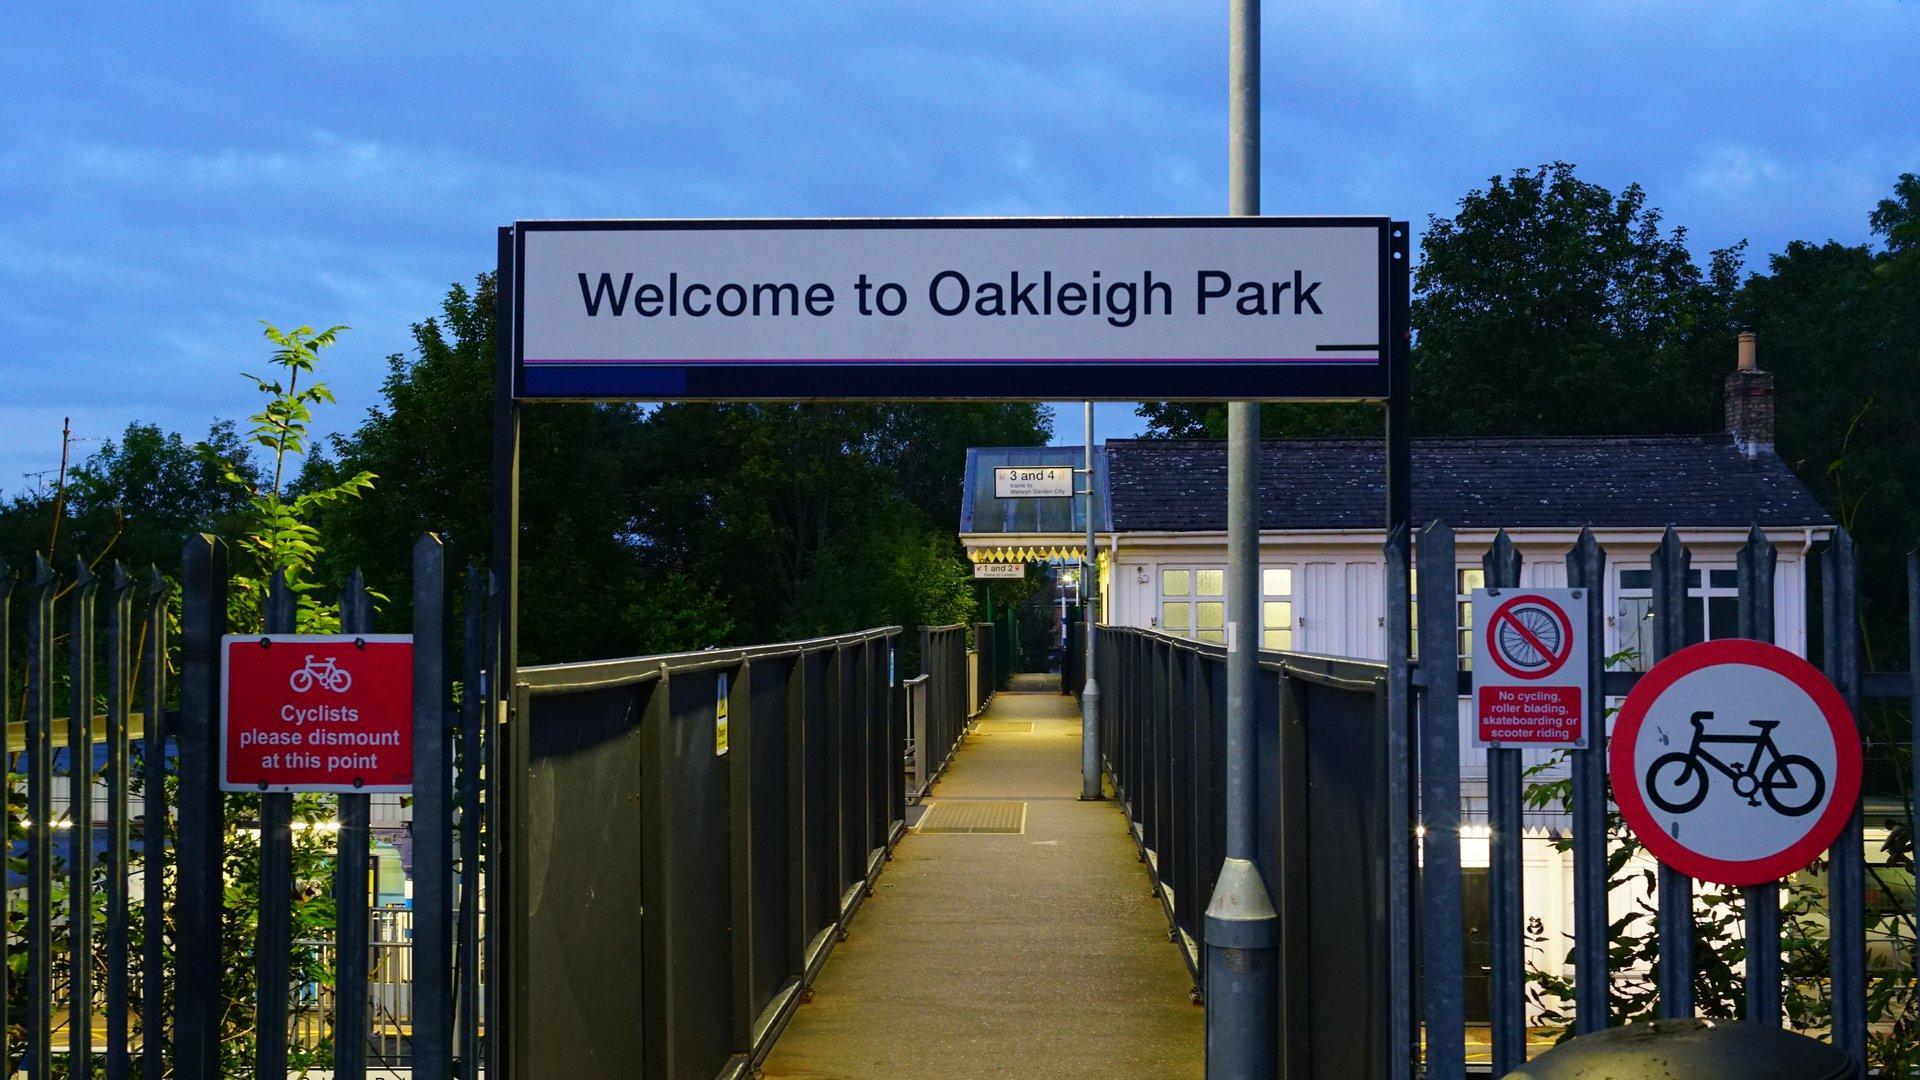 Oakleigh Park